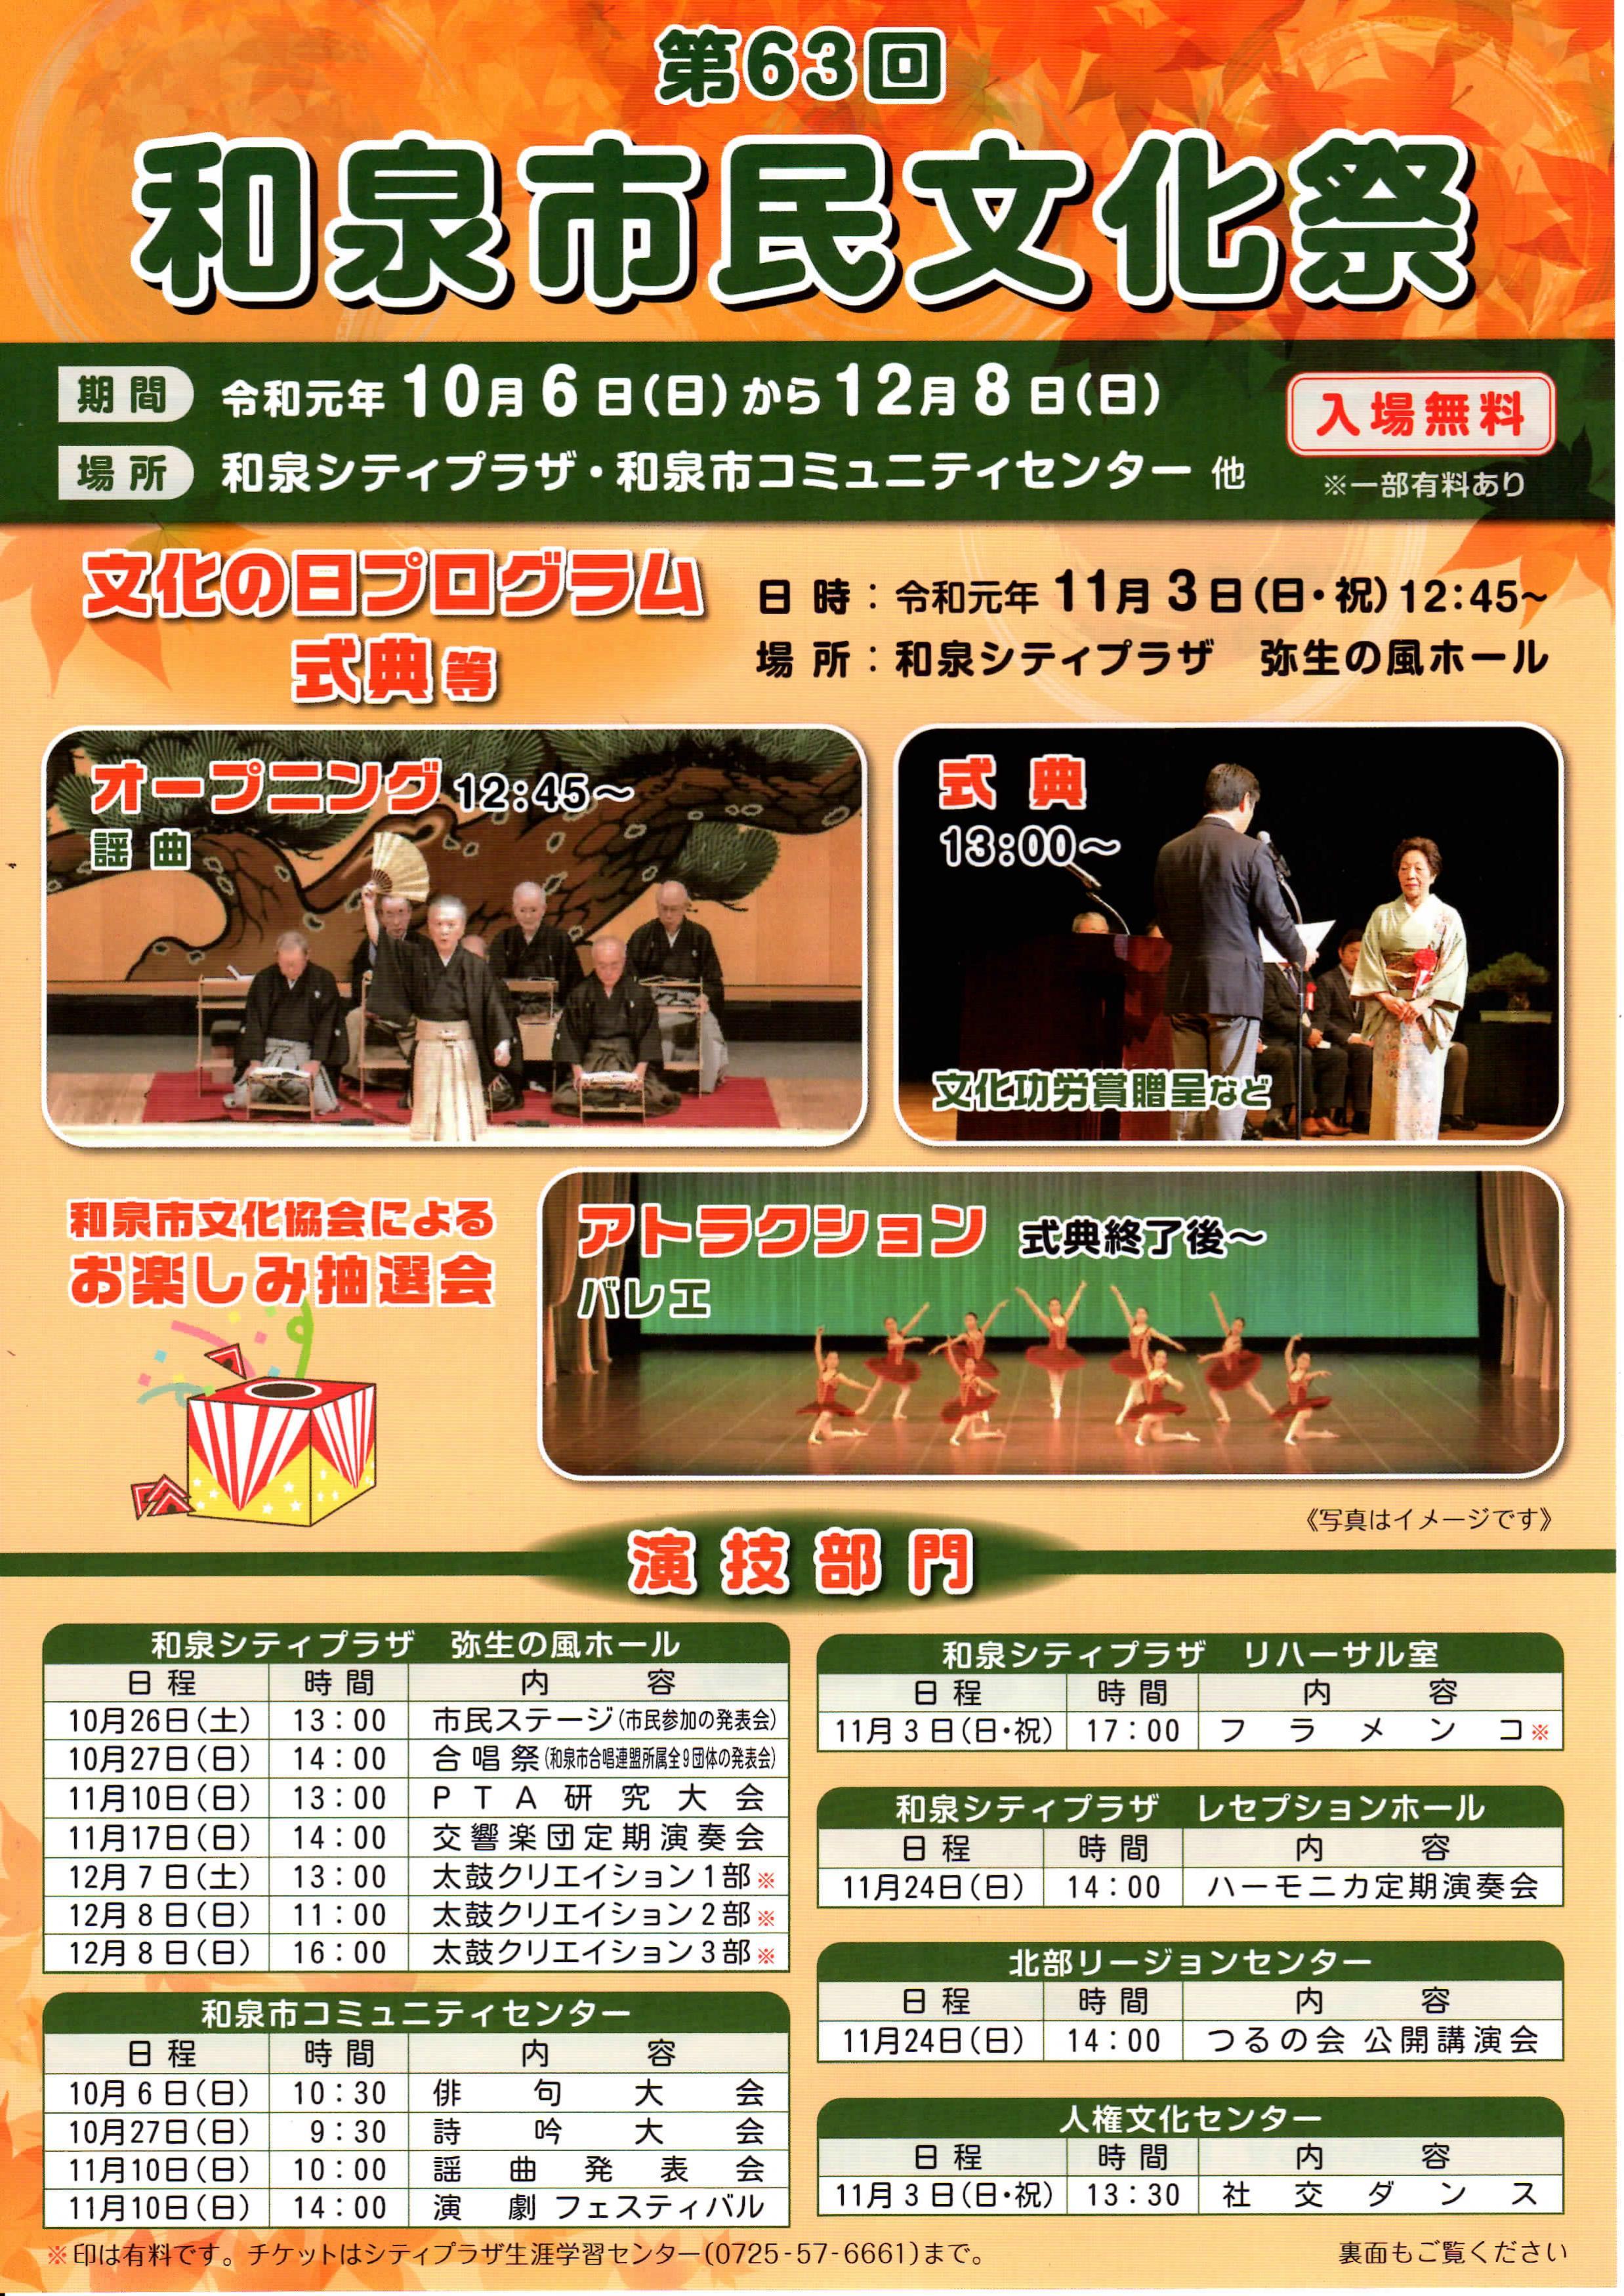 2019年10月6日(日)~12月8日(日) 第63回和泉市民文化祭開催中!